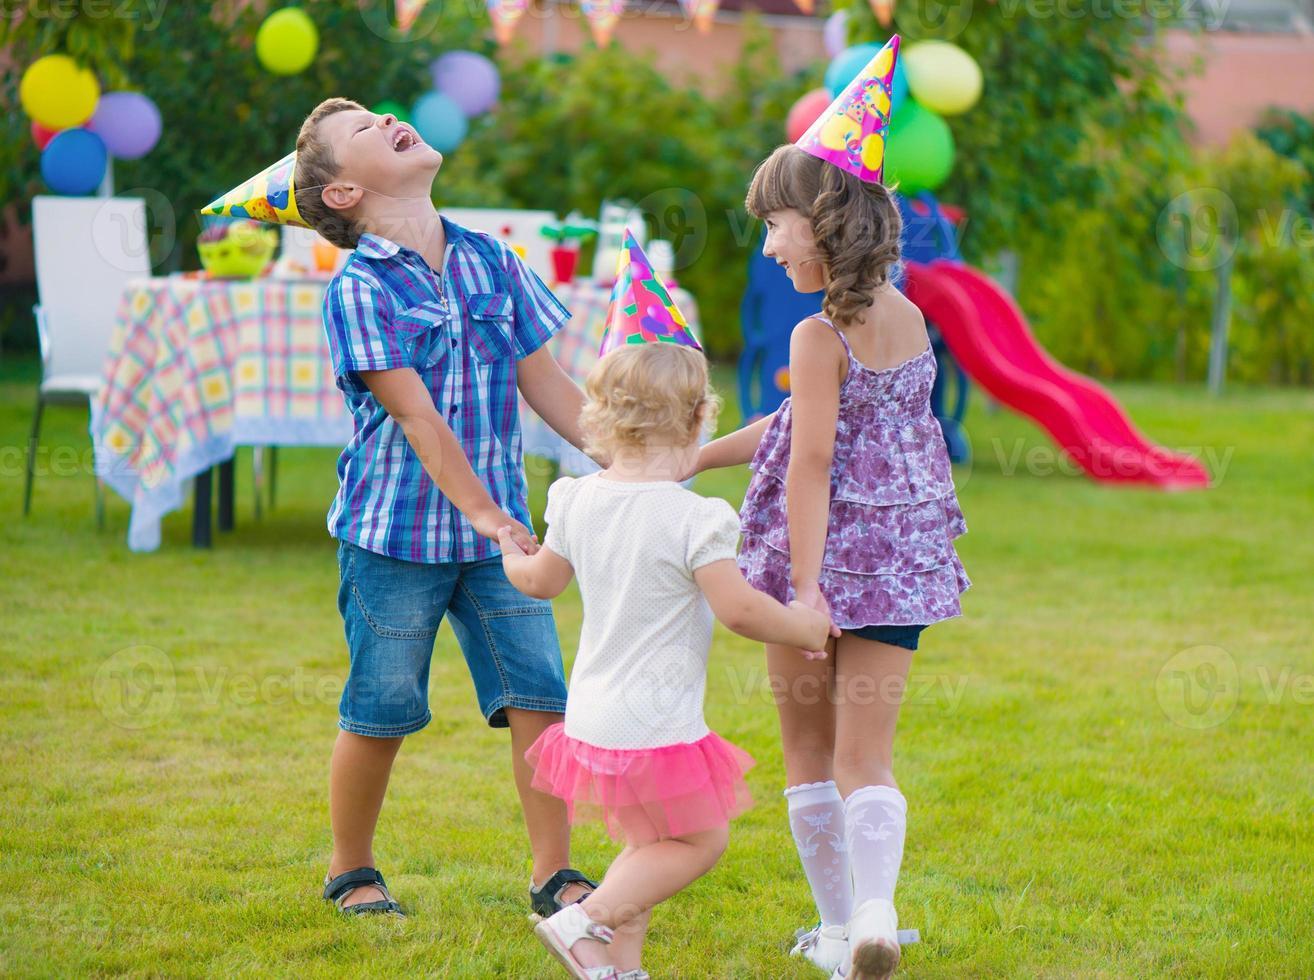 fiesta de cumpleaños de niños foto